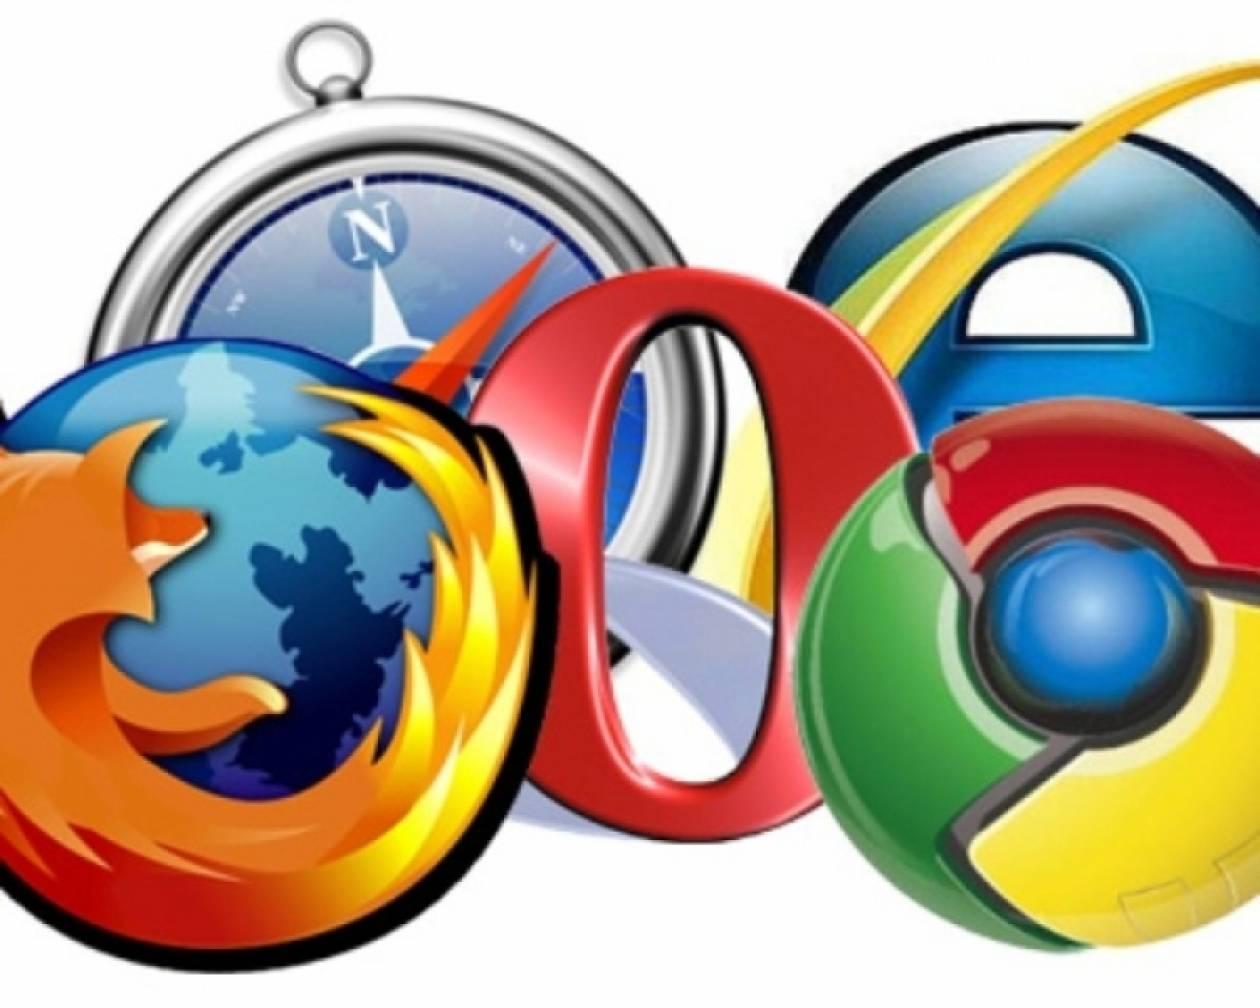 Αν οι browsers ήταν... όπλα